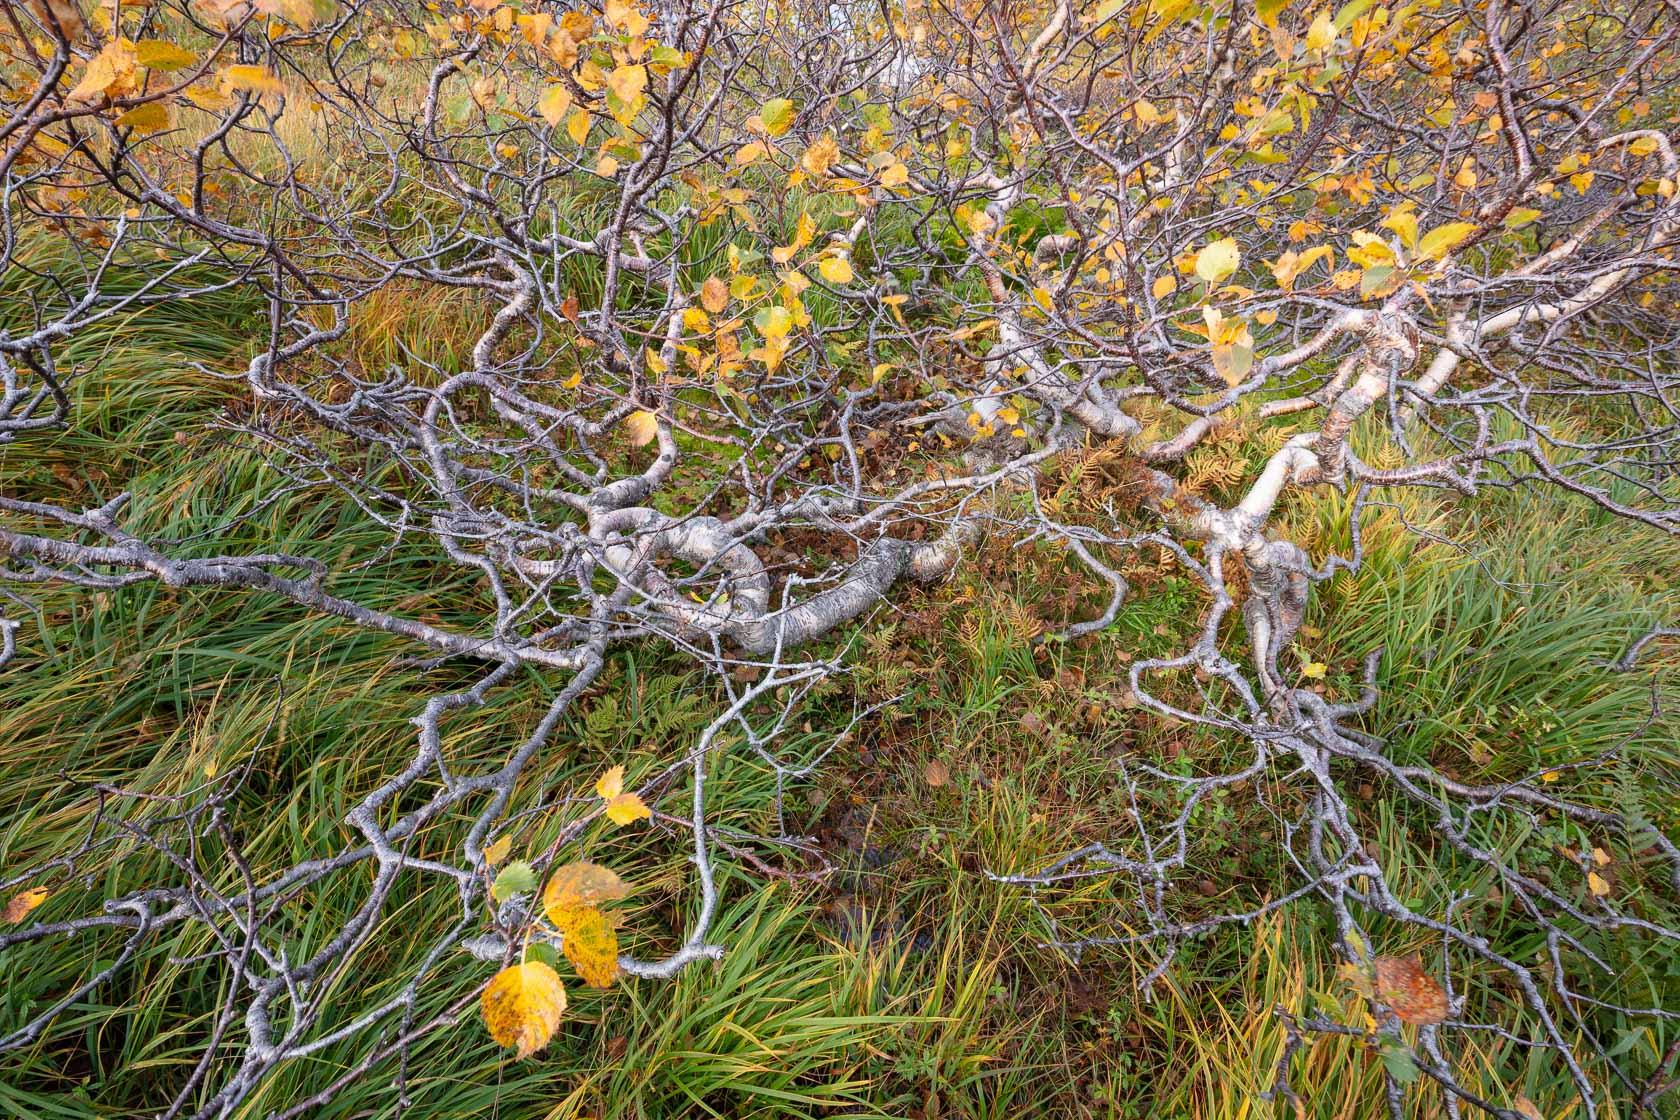 bouleau tortueux (Betula pubescent) sur l'île de Moskenes, dans les Lofoten